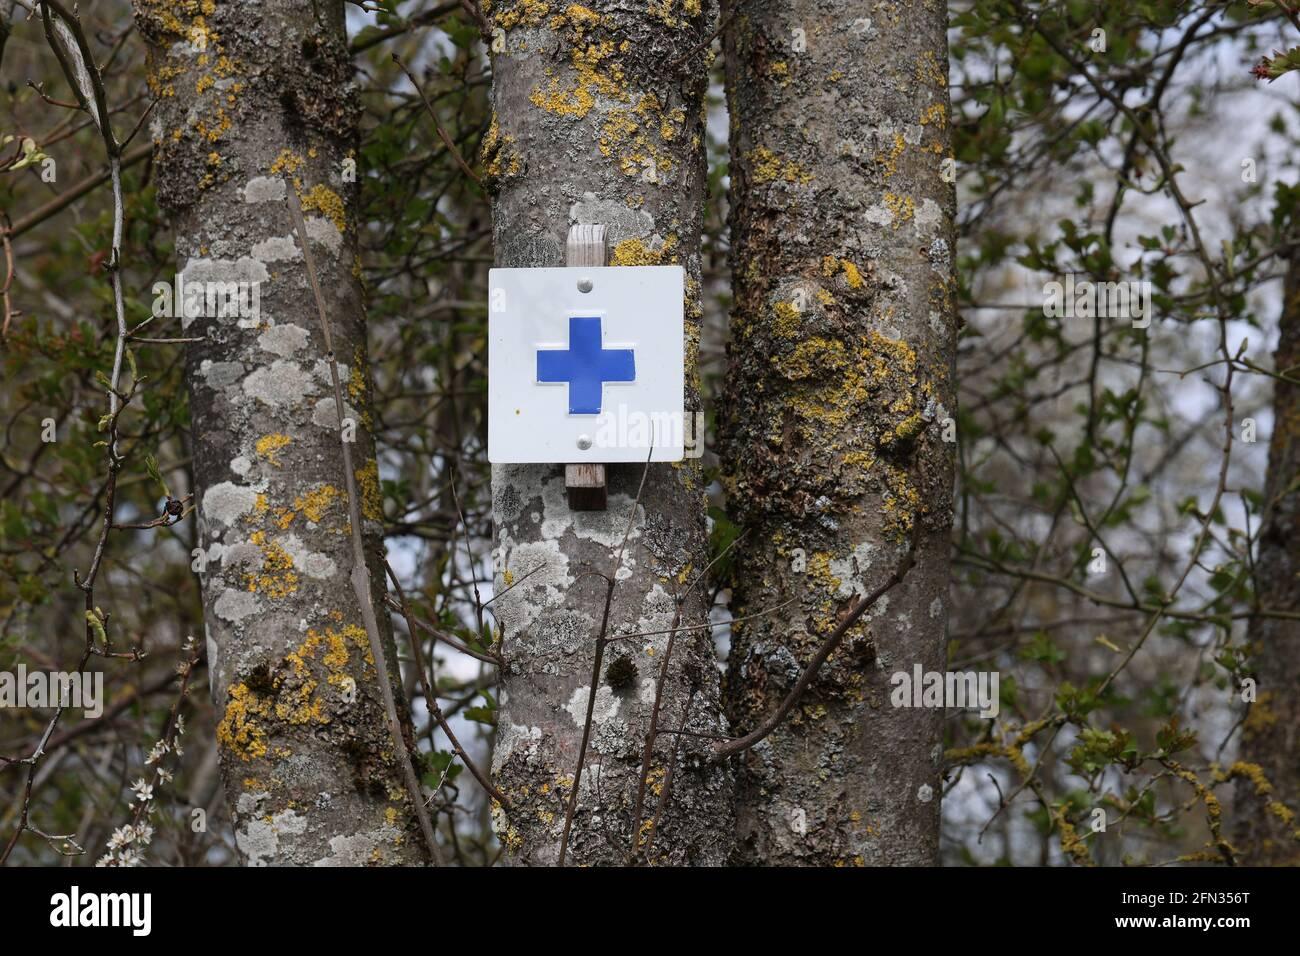 Blaues Kreuz Symbol Markiert Einen Touristischen Wanderweg Auf Einem Baum Im Wald Stockfotografie Alamy